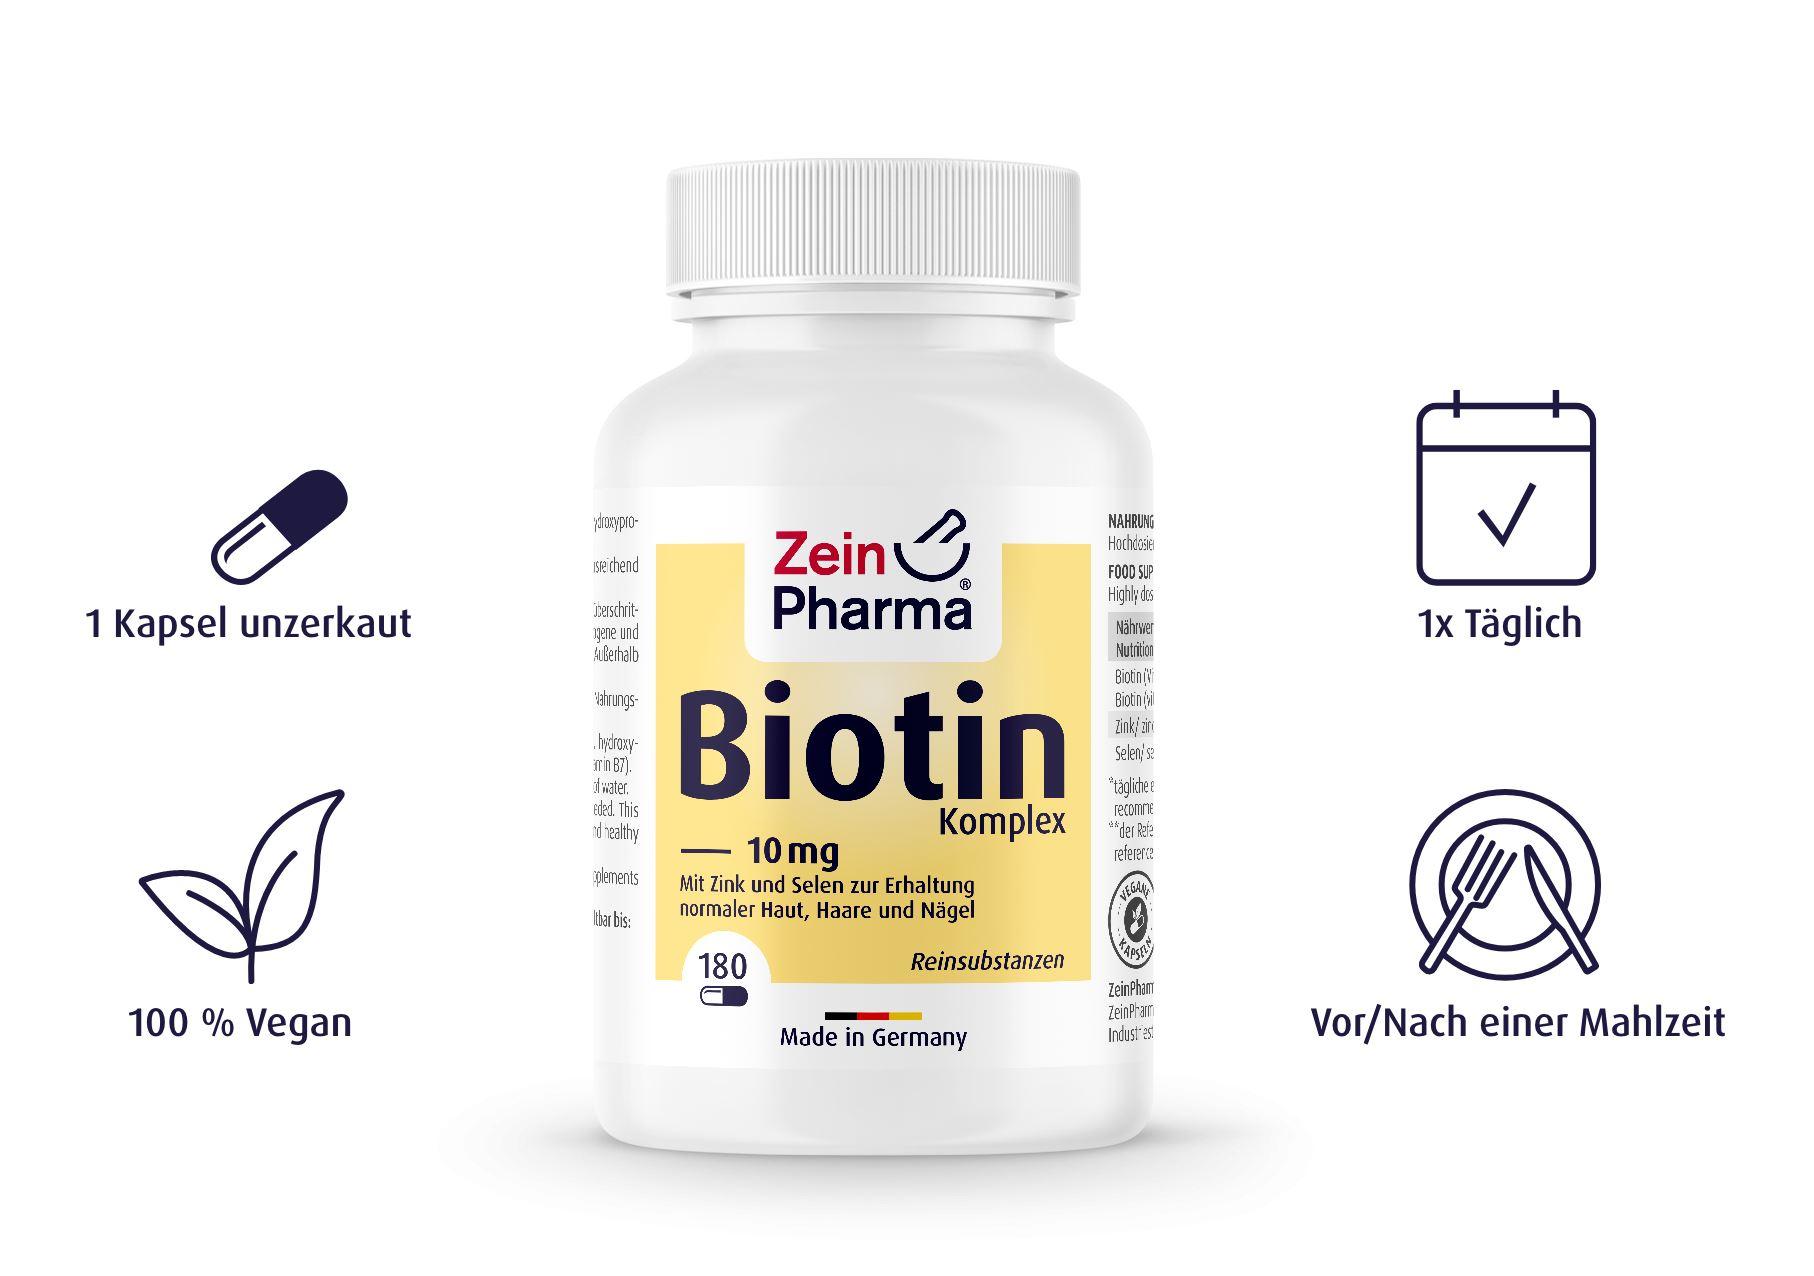 Biotin Komplex 10mg - 180 Kapseln